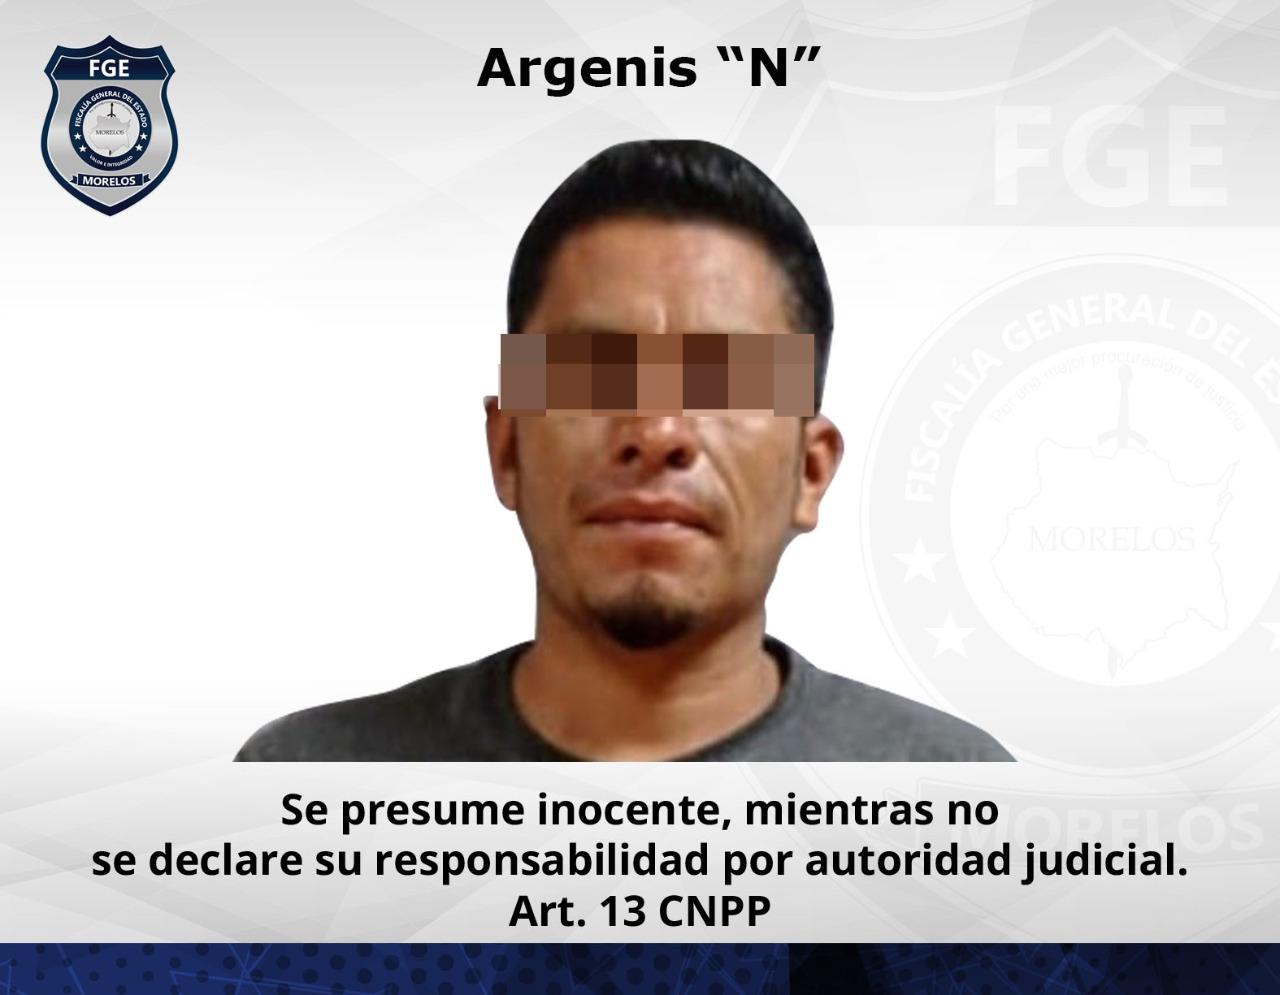 ARGENIS-N